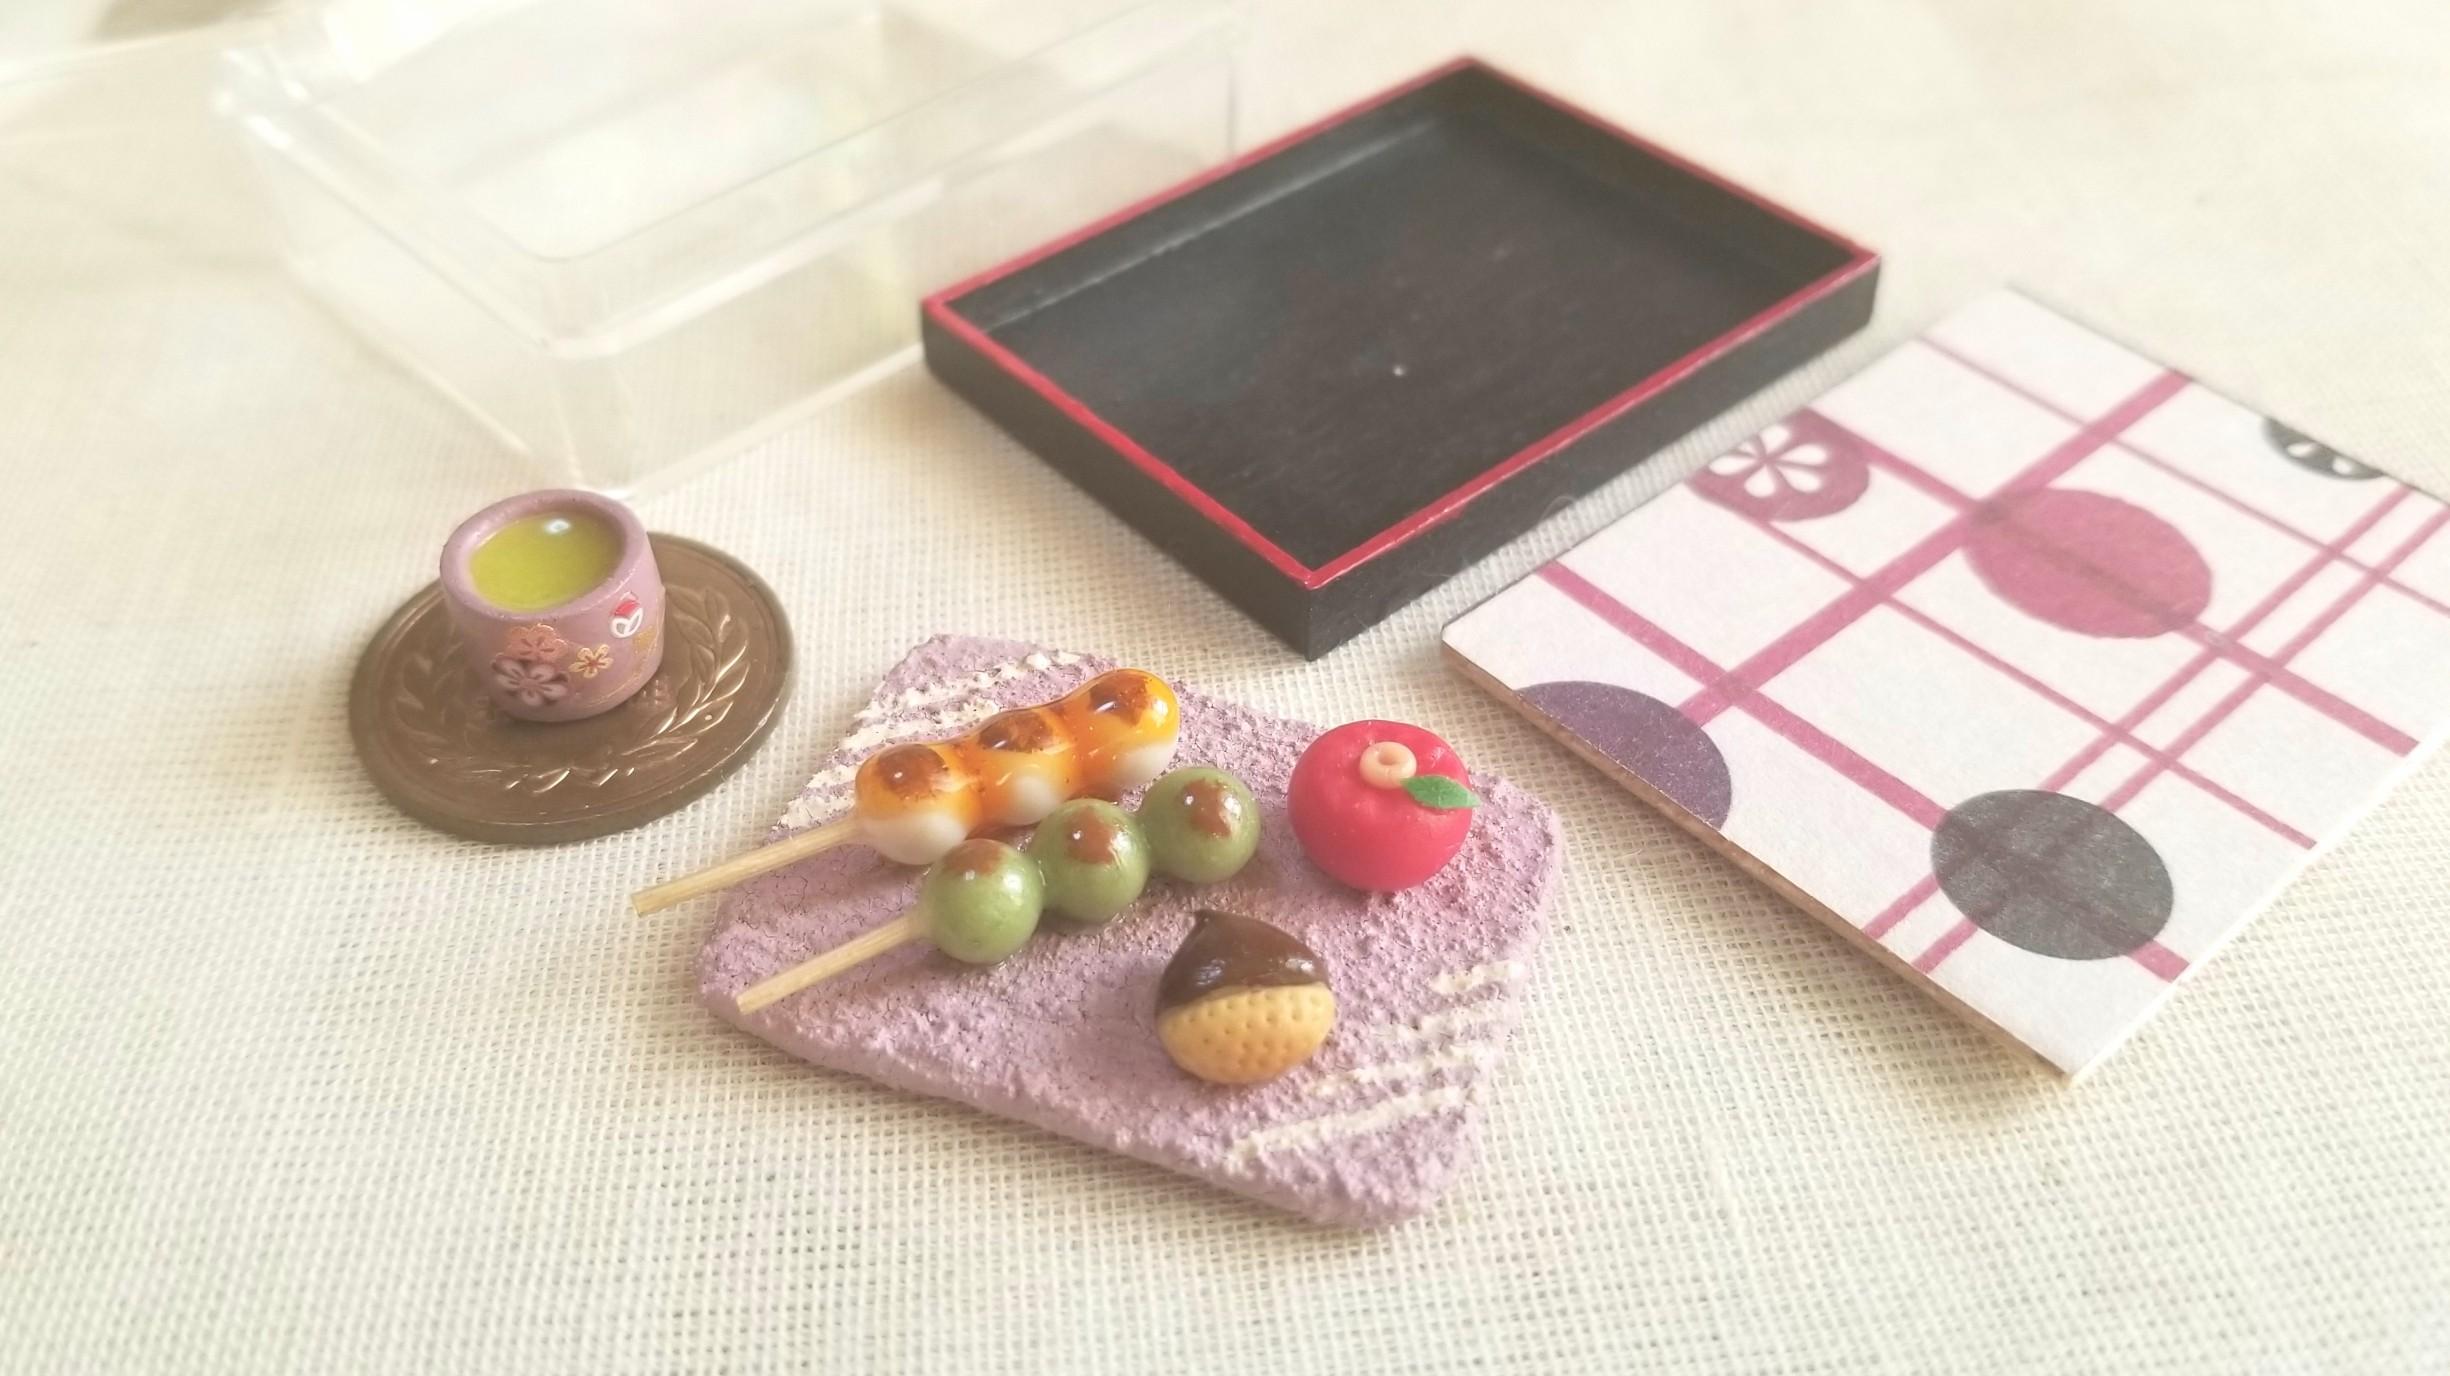 ミニチュア作家アート,かわいいおもちゃ,食品小物,写真,粘土作り